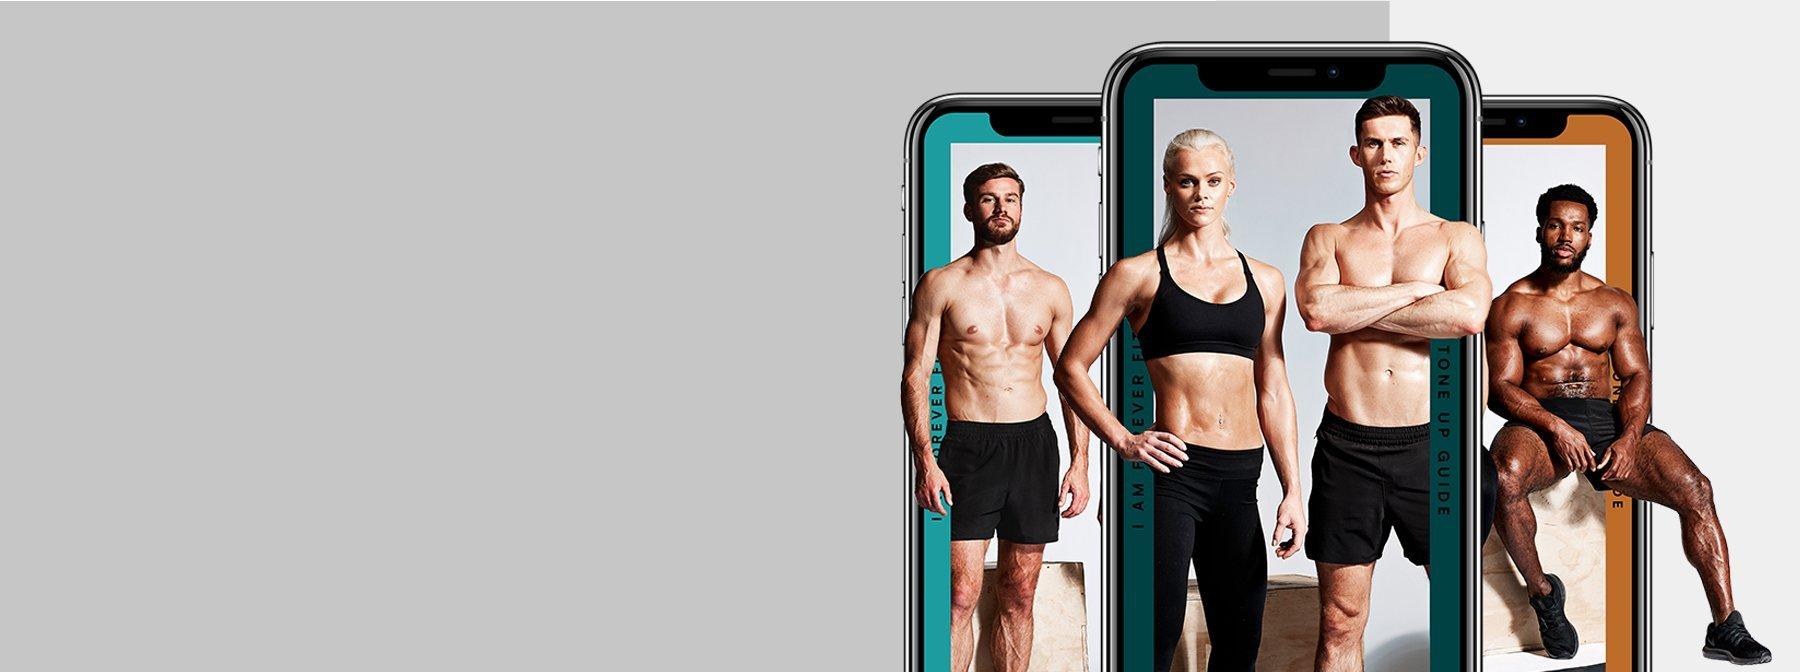 Esercizi corpo libero | Allenamento a corpo libero